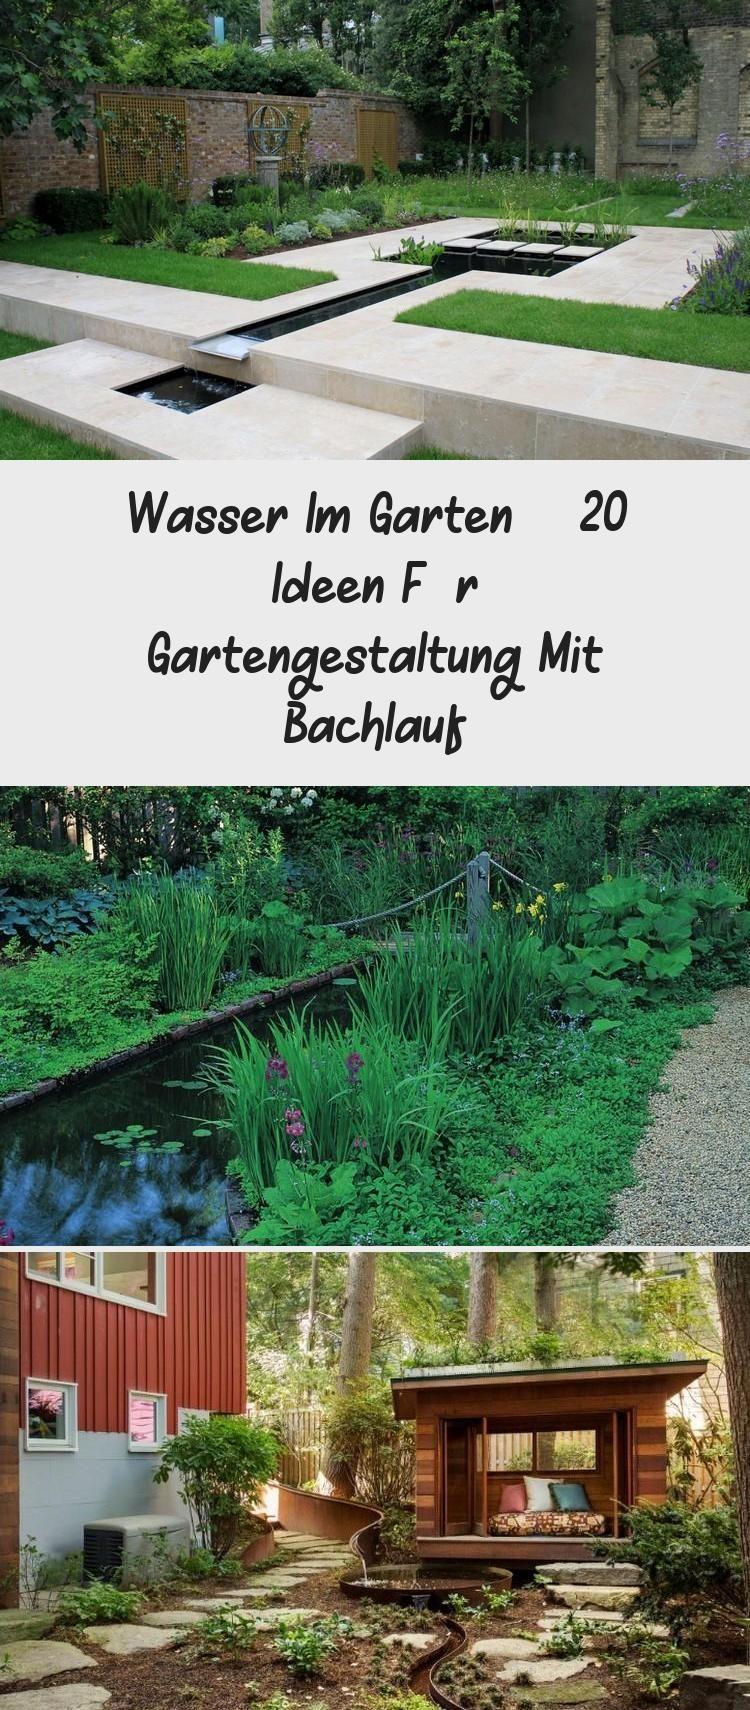 Wasser Im Garten 20 Ideen Fur Gartengestaltung Mit Bachlauf In 2020 Outdoor Structures Outdoor Pergola